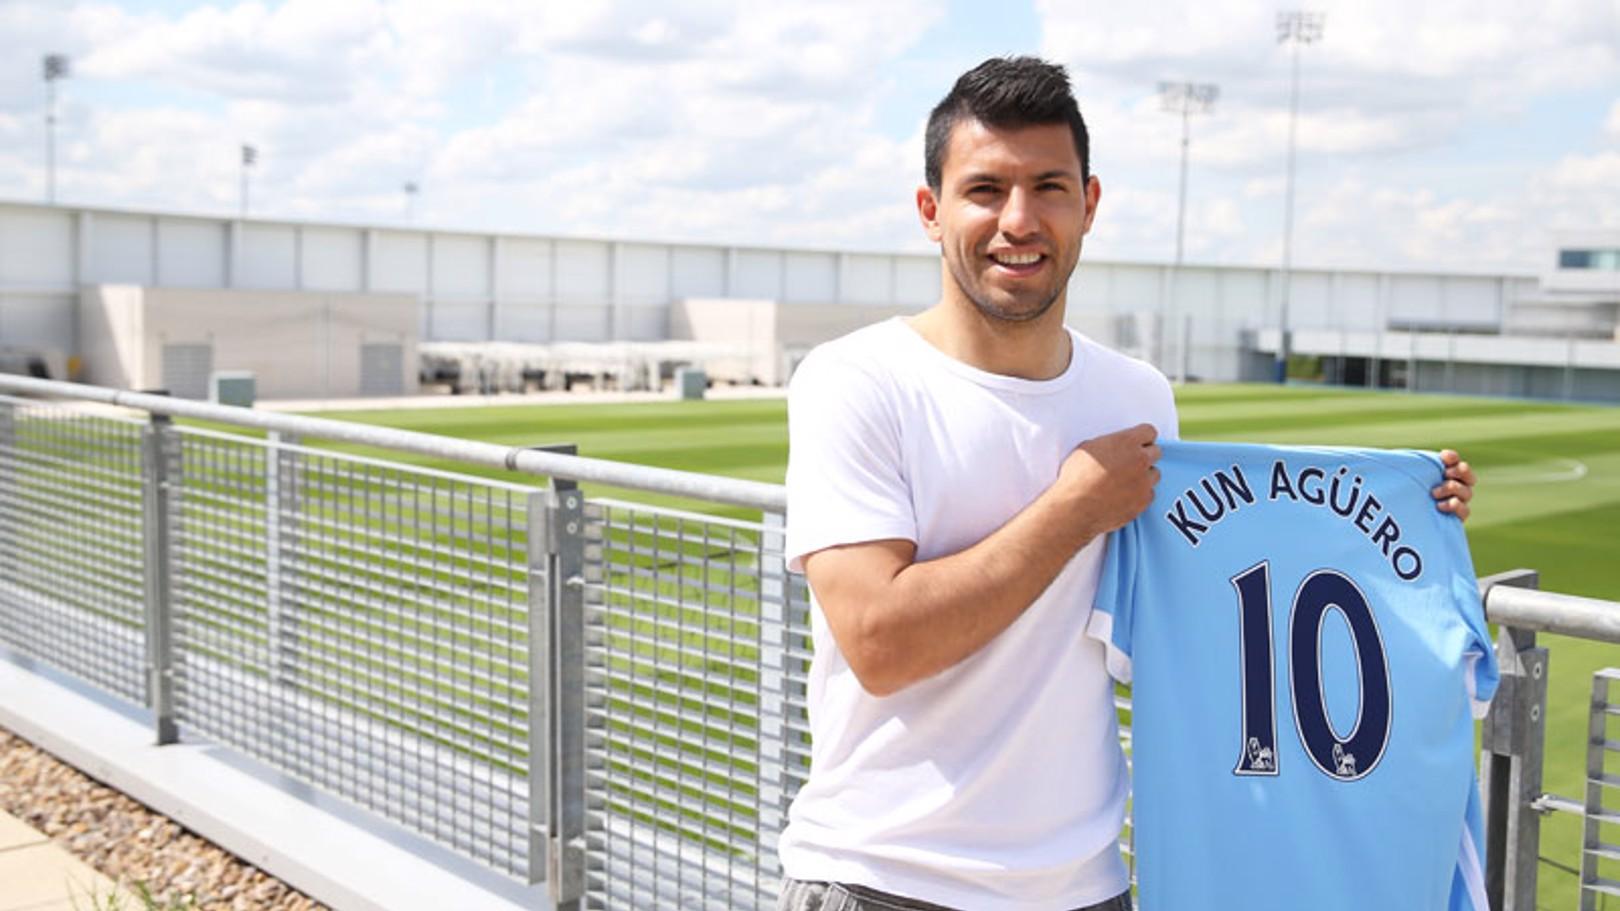 Aguero toma el número 10 para la temporada 2015/16